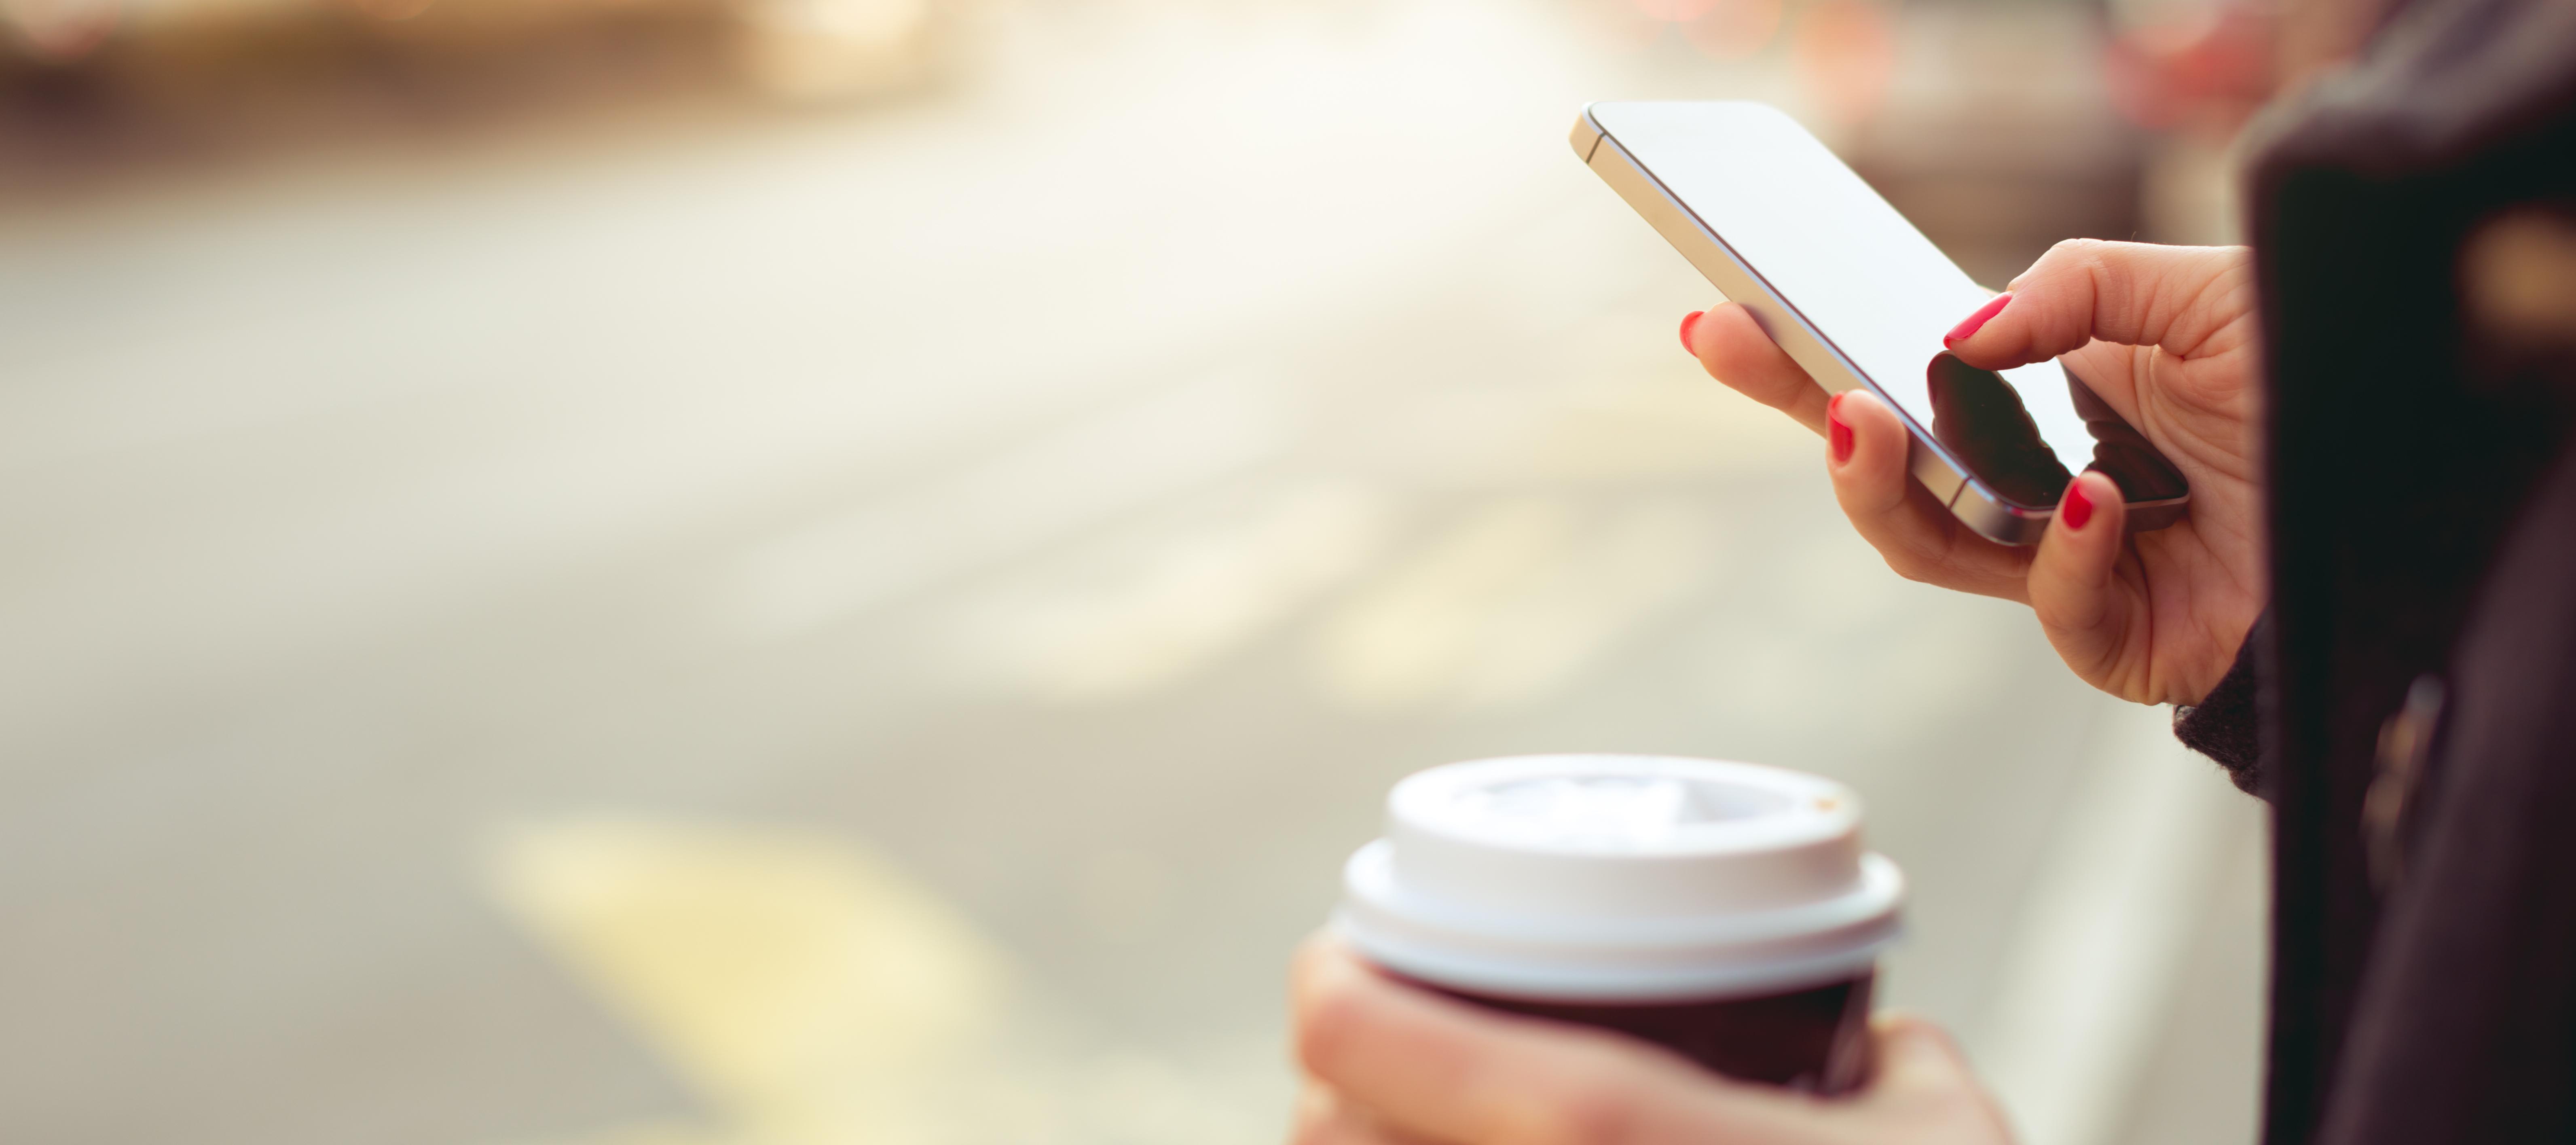 PIN & PUK vergessen oder verloren? So entsperrst du dein Handy.